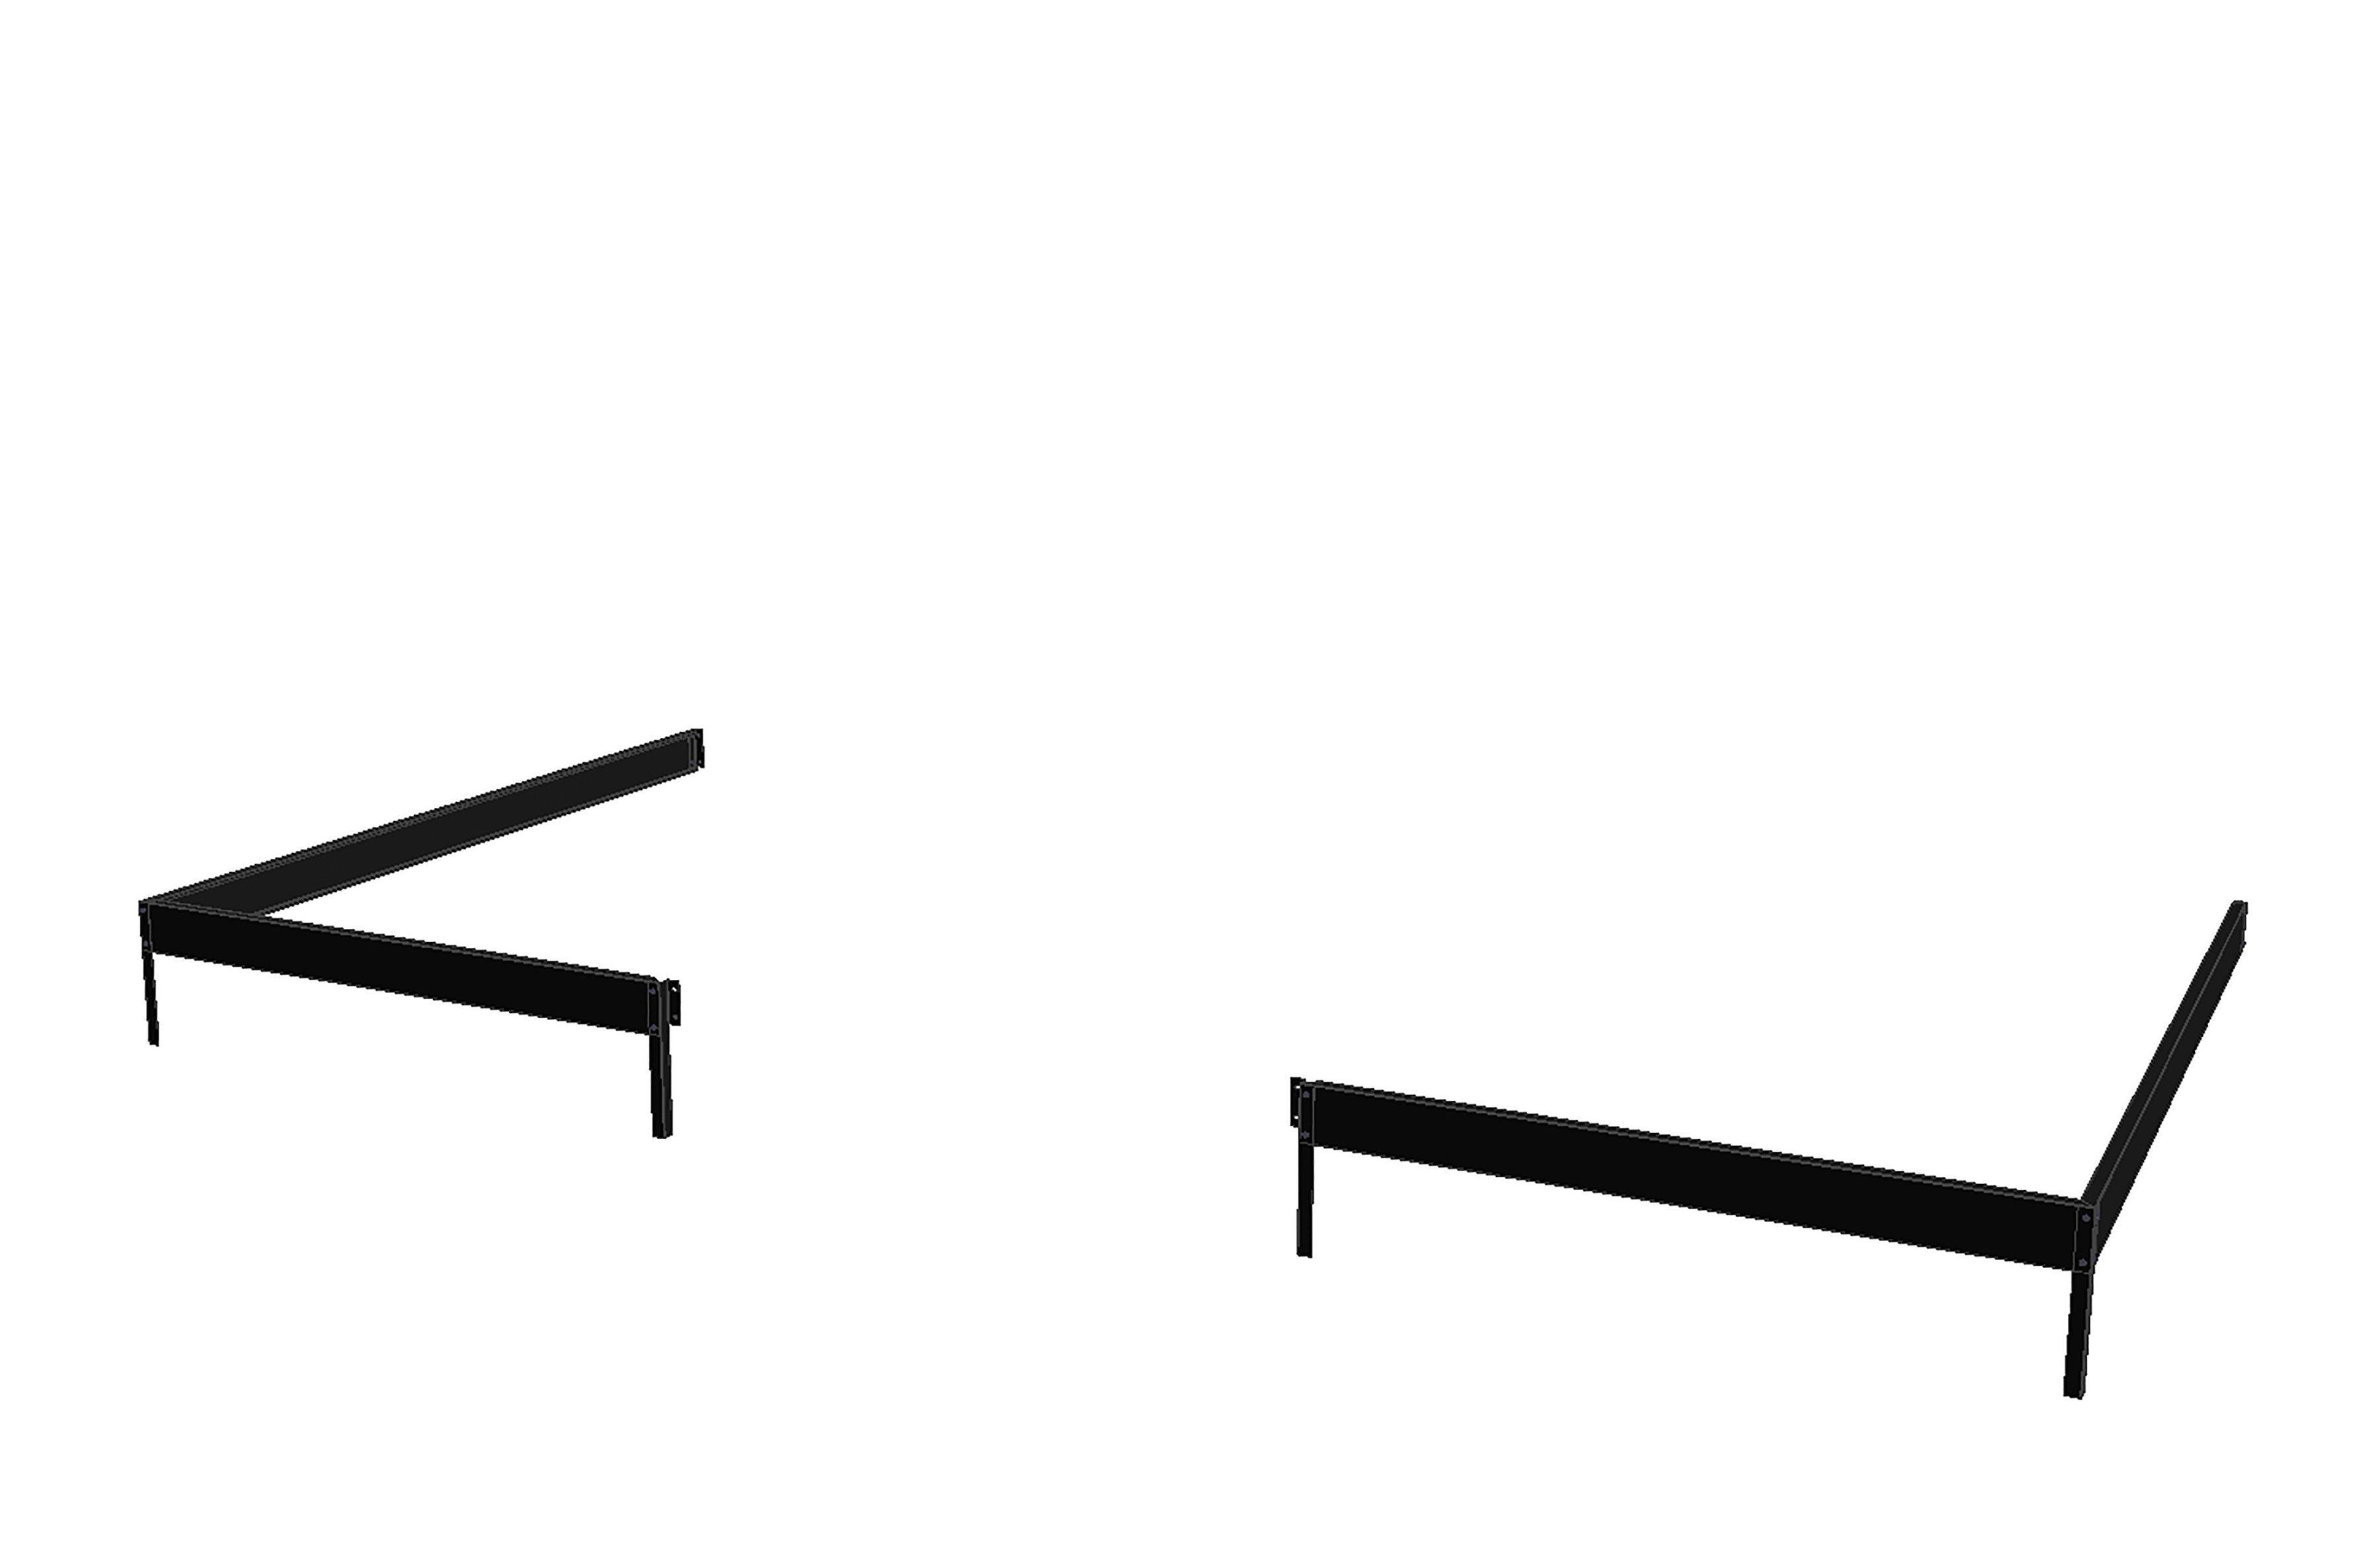 JULIANA Fundamentrahmen , BxL: 296x221 cm, für Gewächshaus »Veranda 6,6« schwarz